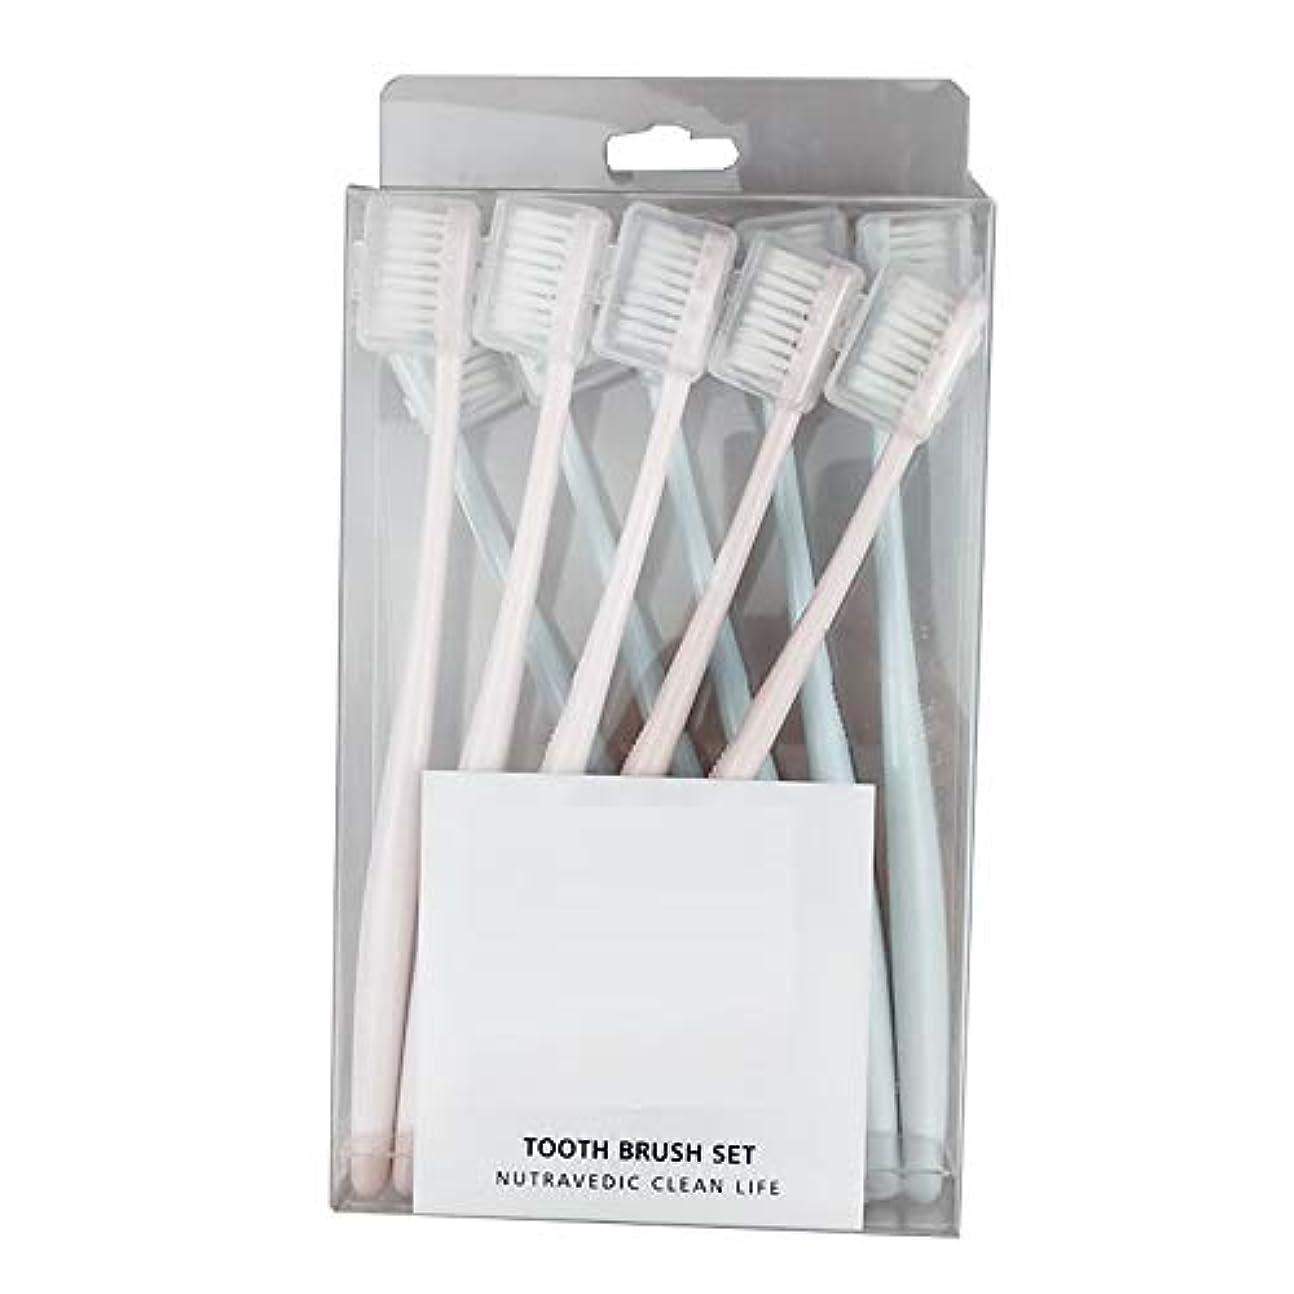 拒否牽引自体歯ブラシ 竹炭歯ブラシ、アダルトソフト歯ブラシ、活性炭ホワイトニング - 使用できるスタイルの3種類 HL (サイズ : A - 10 packs)